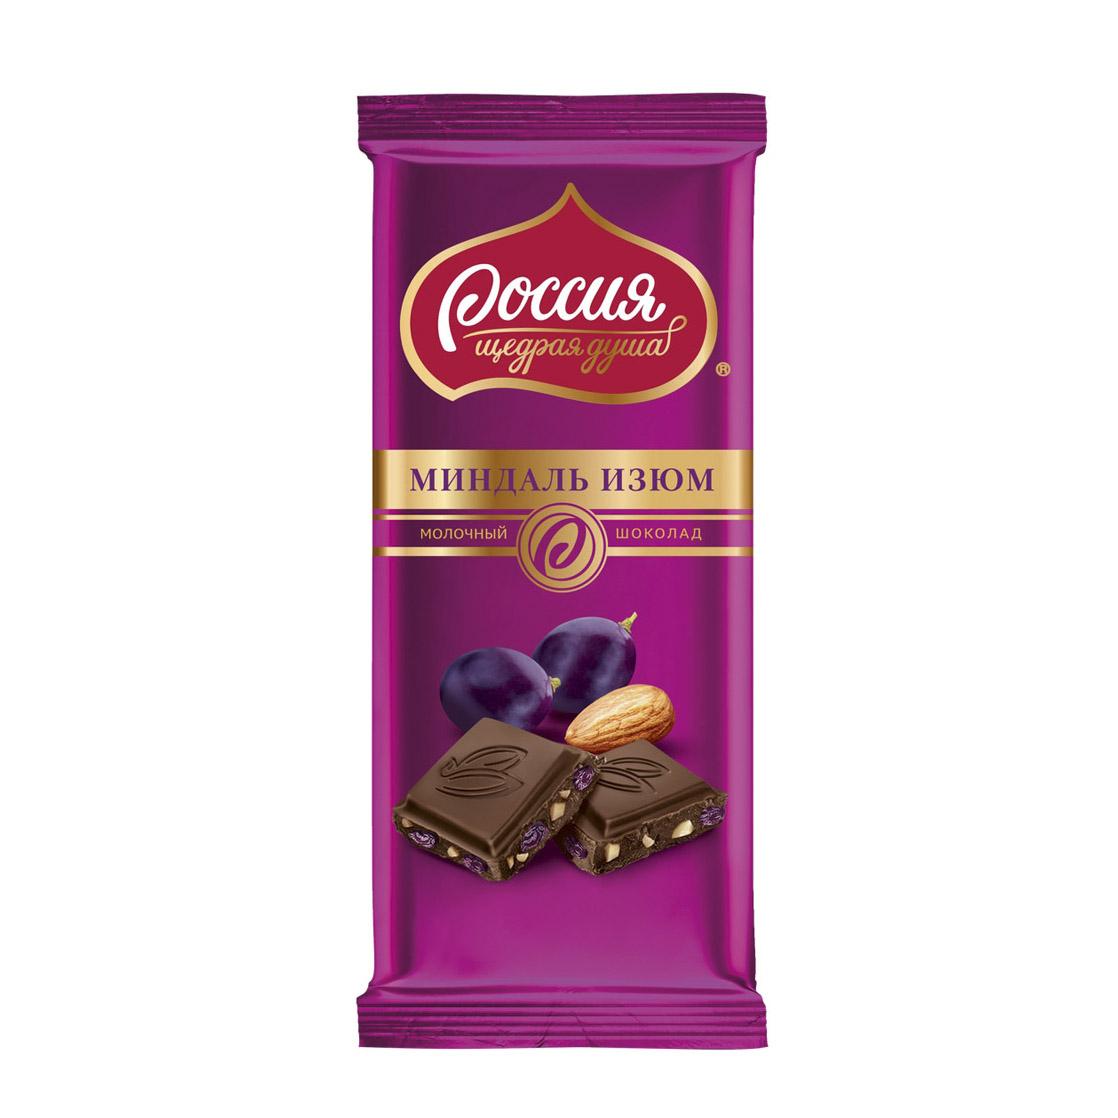 шоколад россия щедрая душа молочный белый пористый 82 г Шоколад Россия щедрая душа Молочный с миндалем и изюмом 90 г